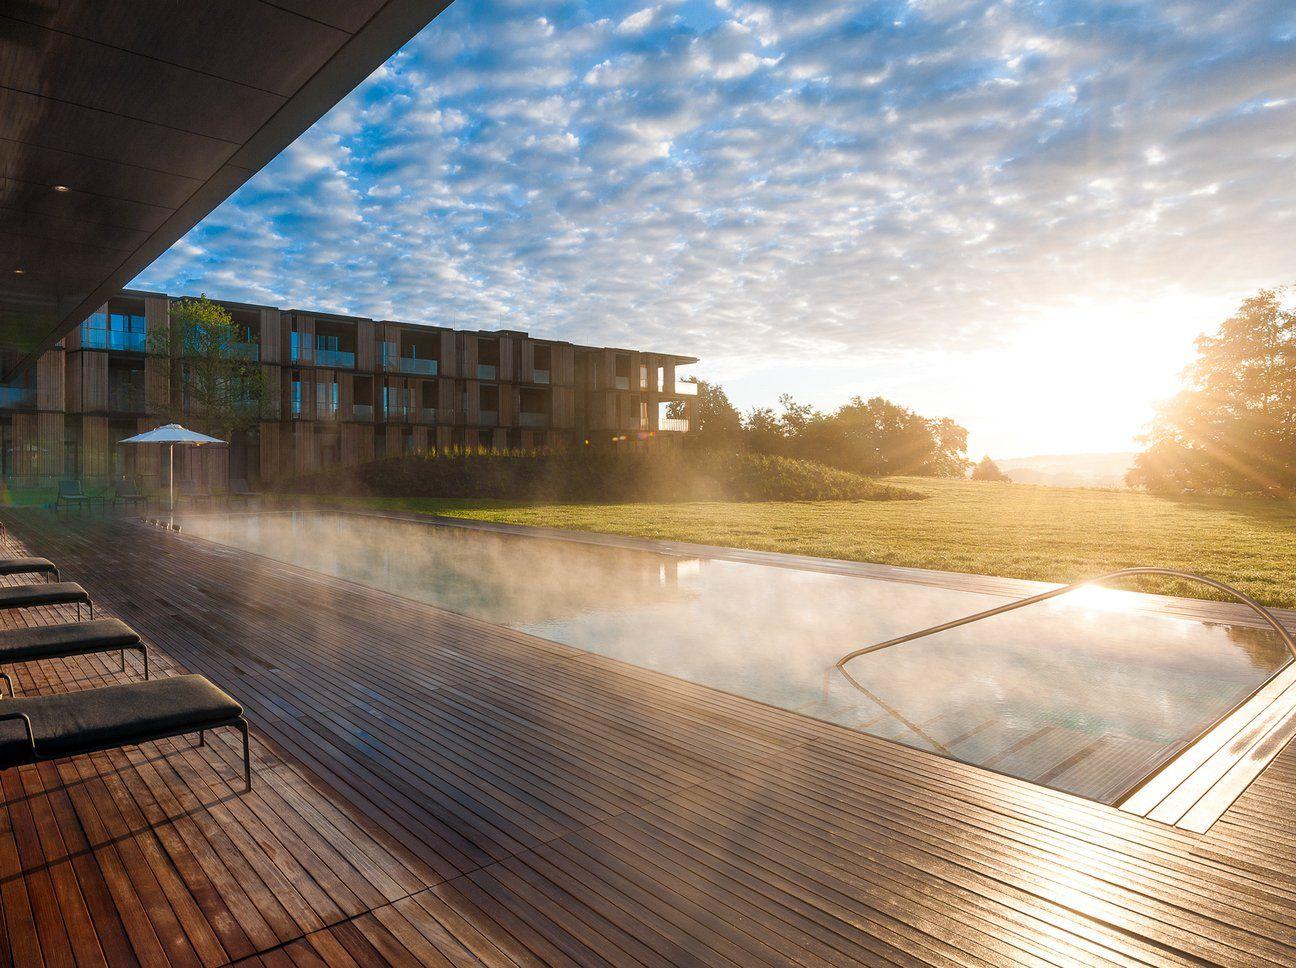 Die 20 schönsten Hotels und Ferienhäuser in Deutschland